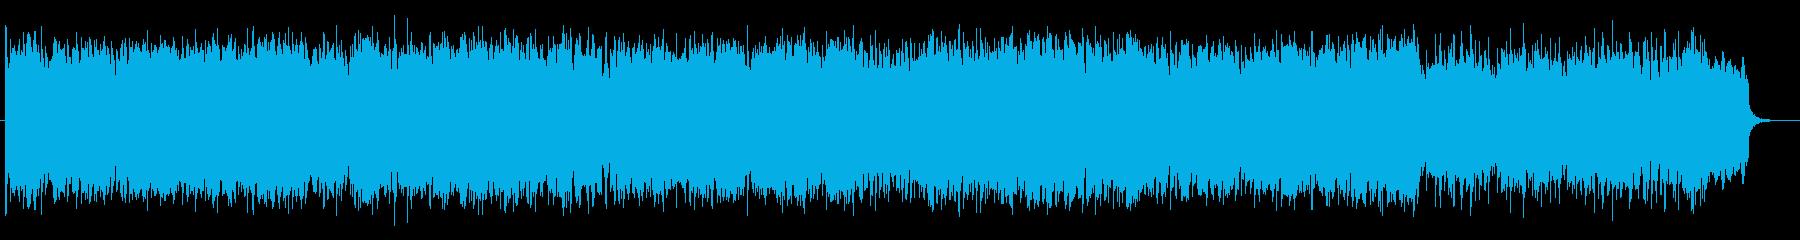 ゆったりとした時の流れを感じるポップスの再生済みの波形